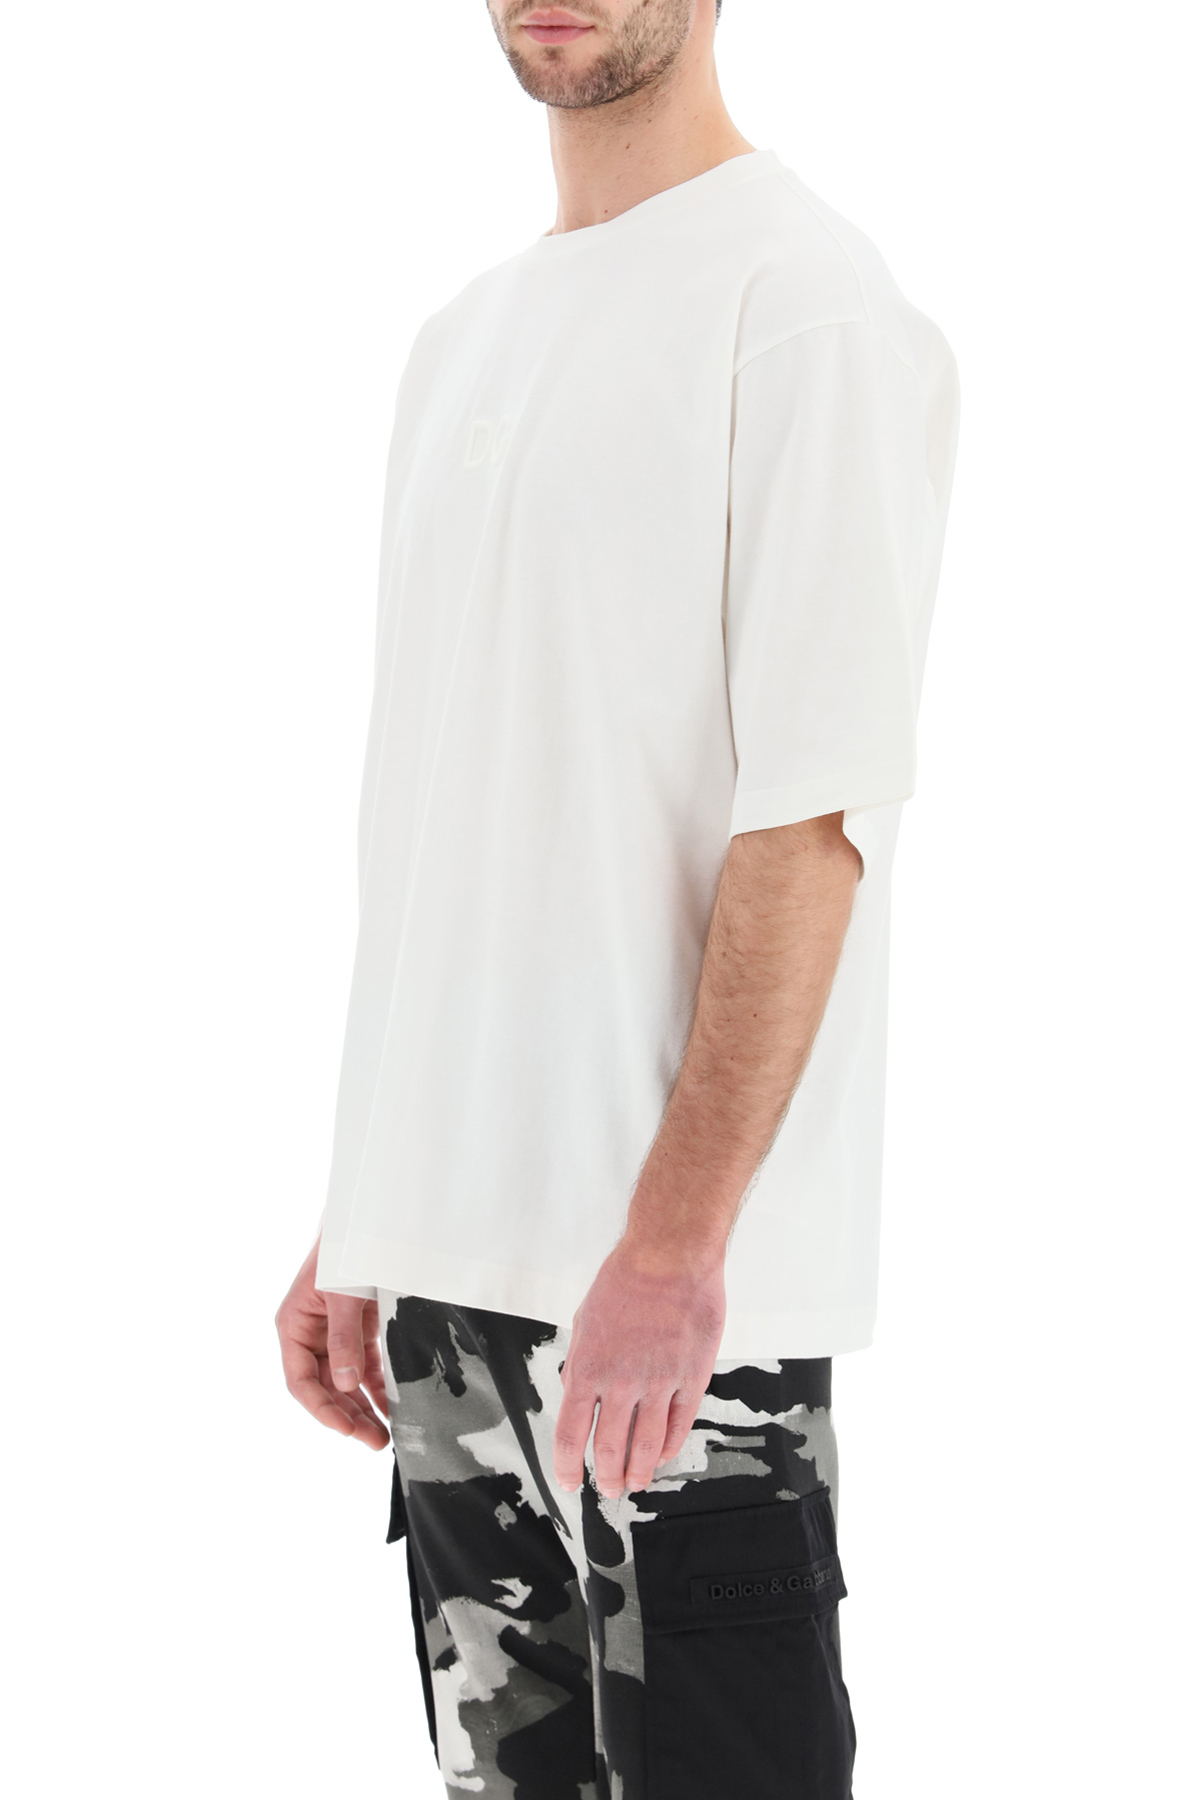 Dolce & gabbana t-shirt logo dg